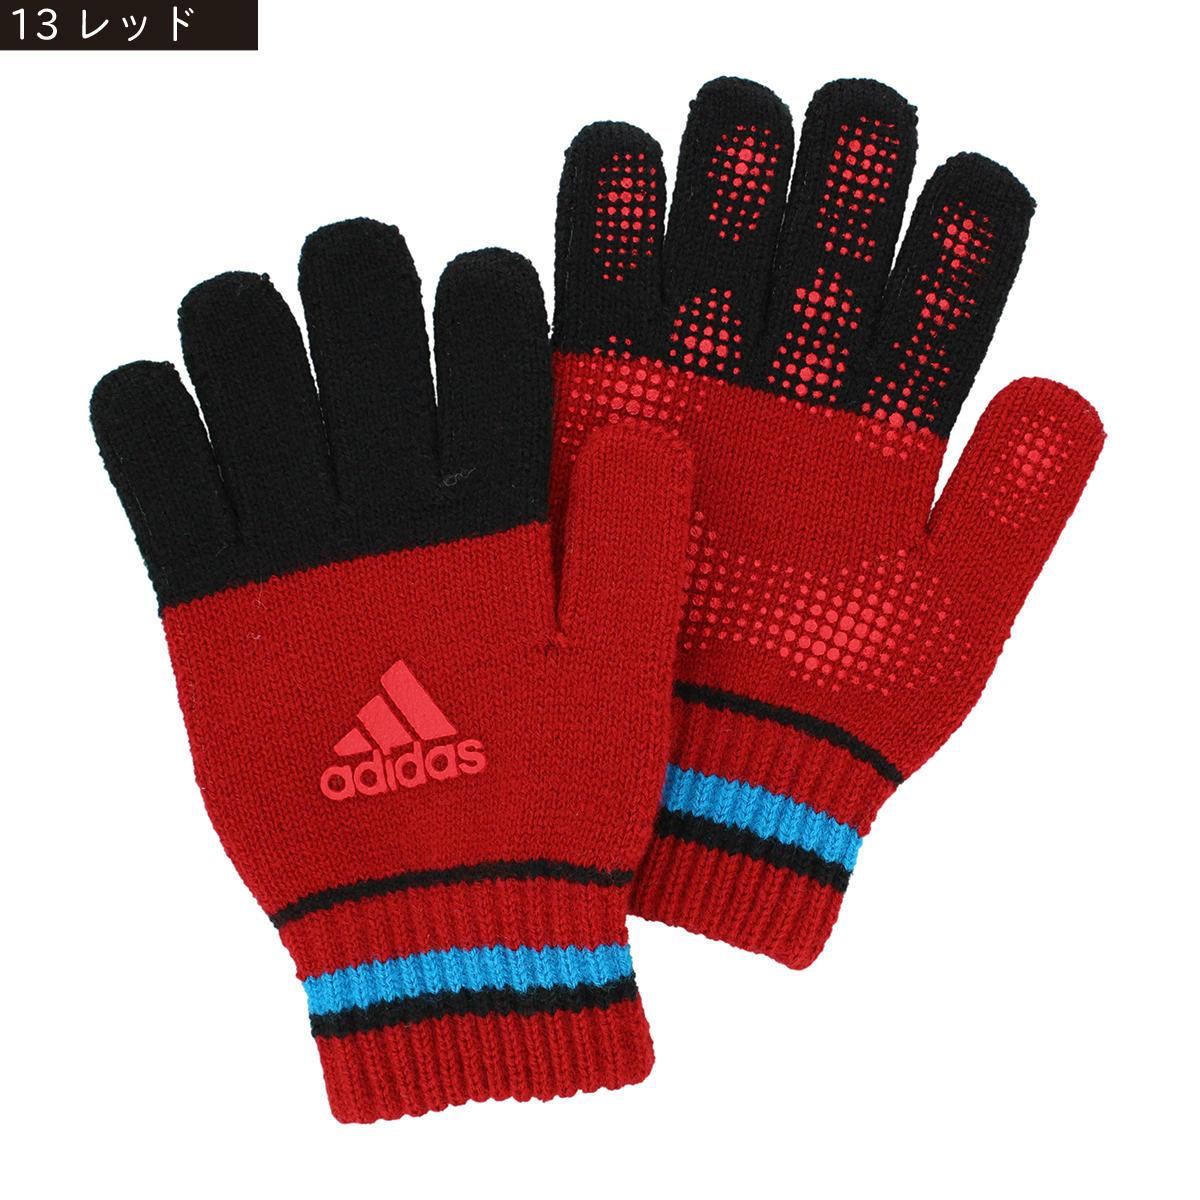 アディダス キッズ ボーイズ のびのび ニット手袋 Mサイズ 日本製 スポーツ 通学  LOGOラバープリント